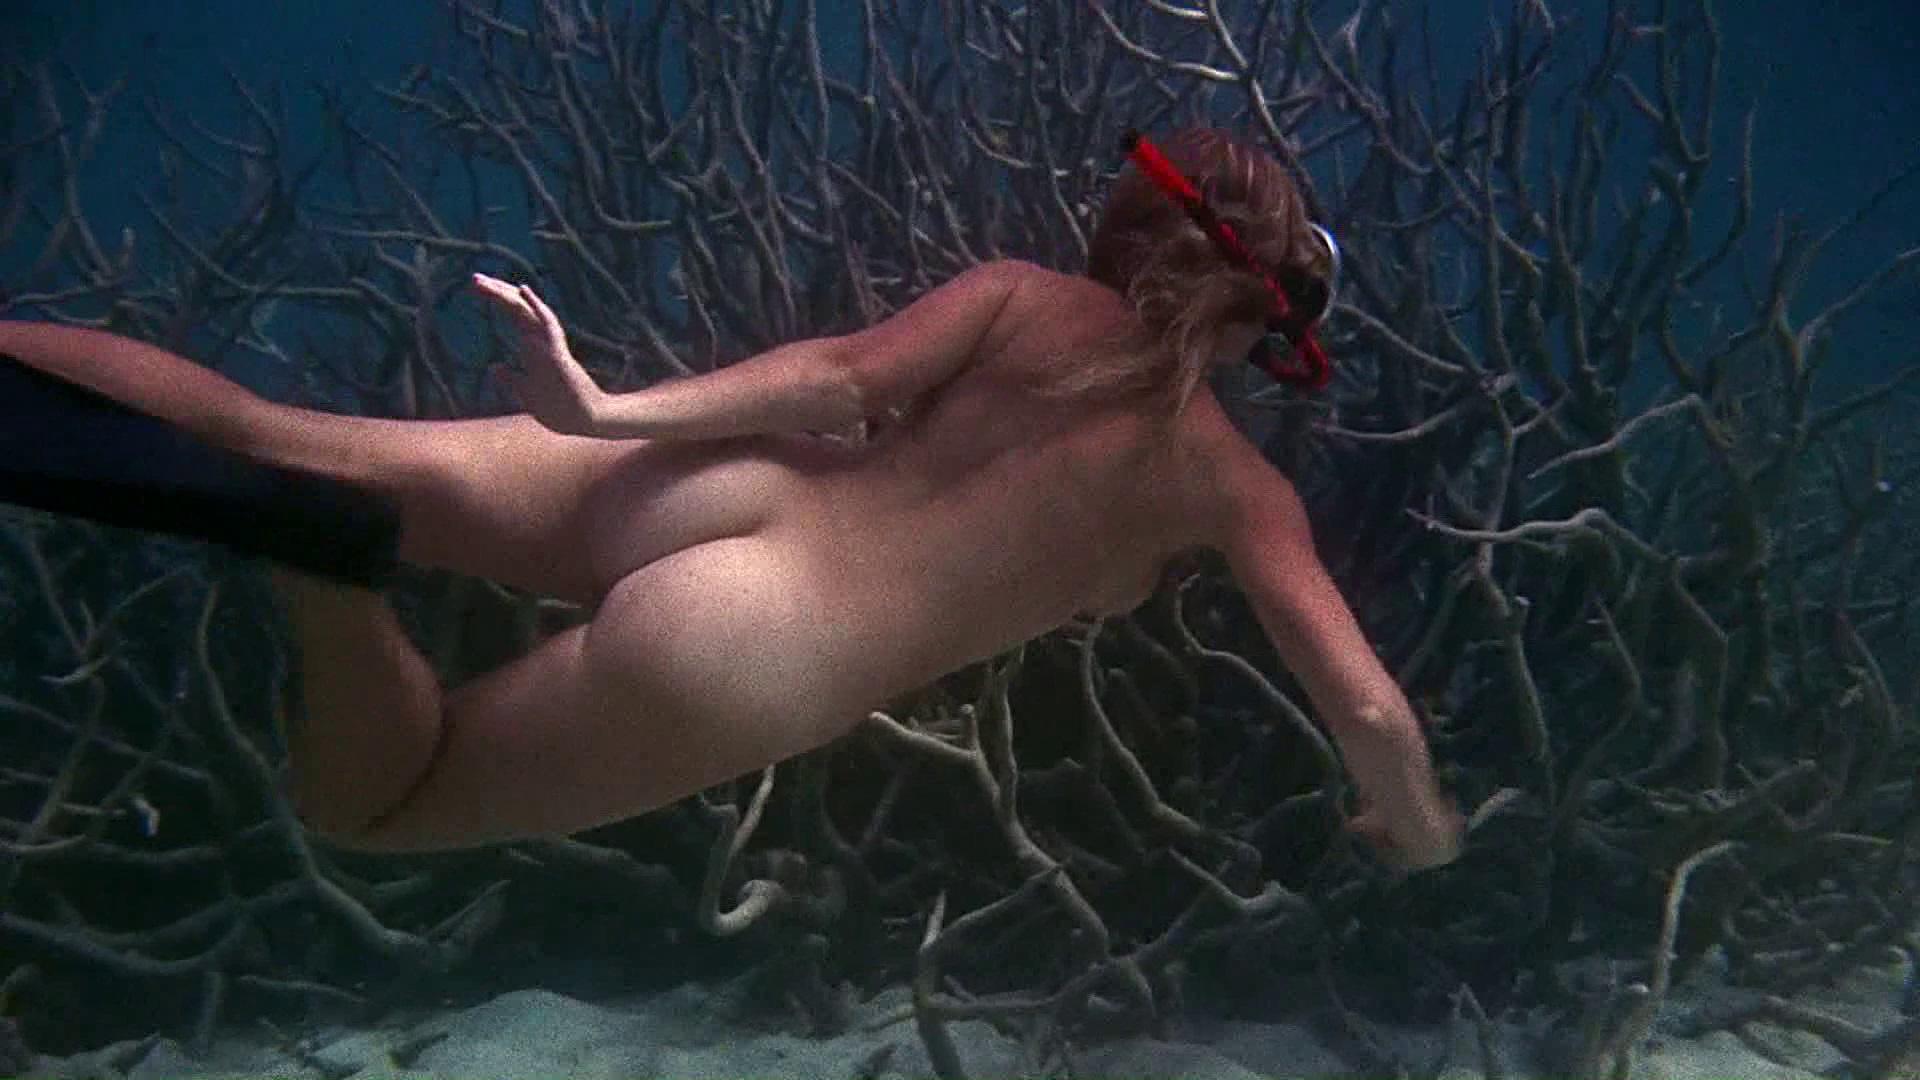 Helen Mirren Nip Slip photo 8